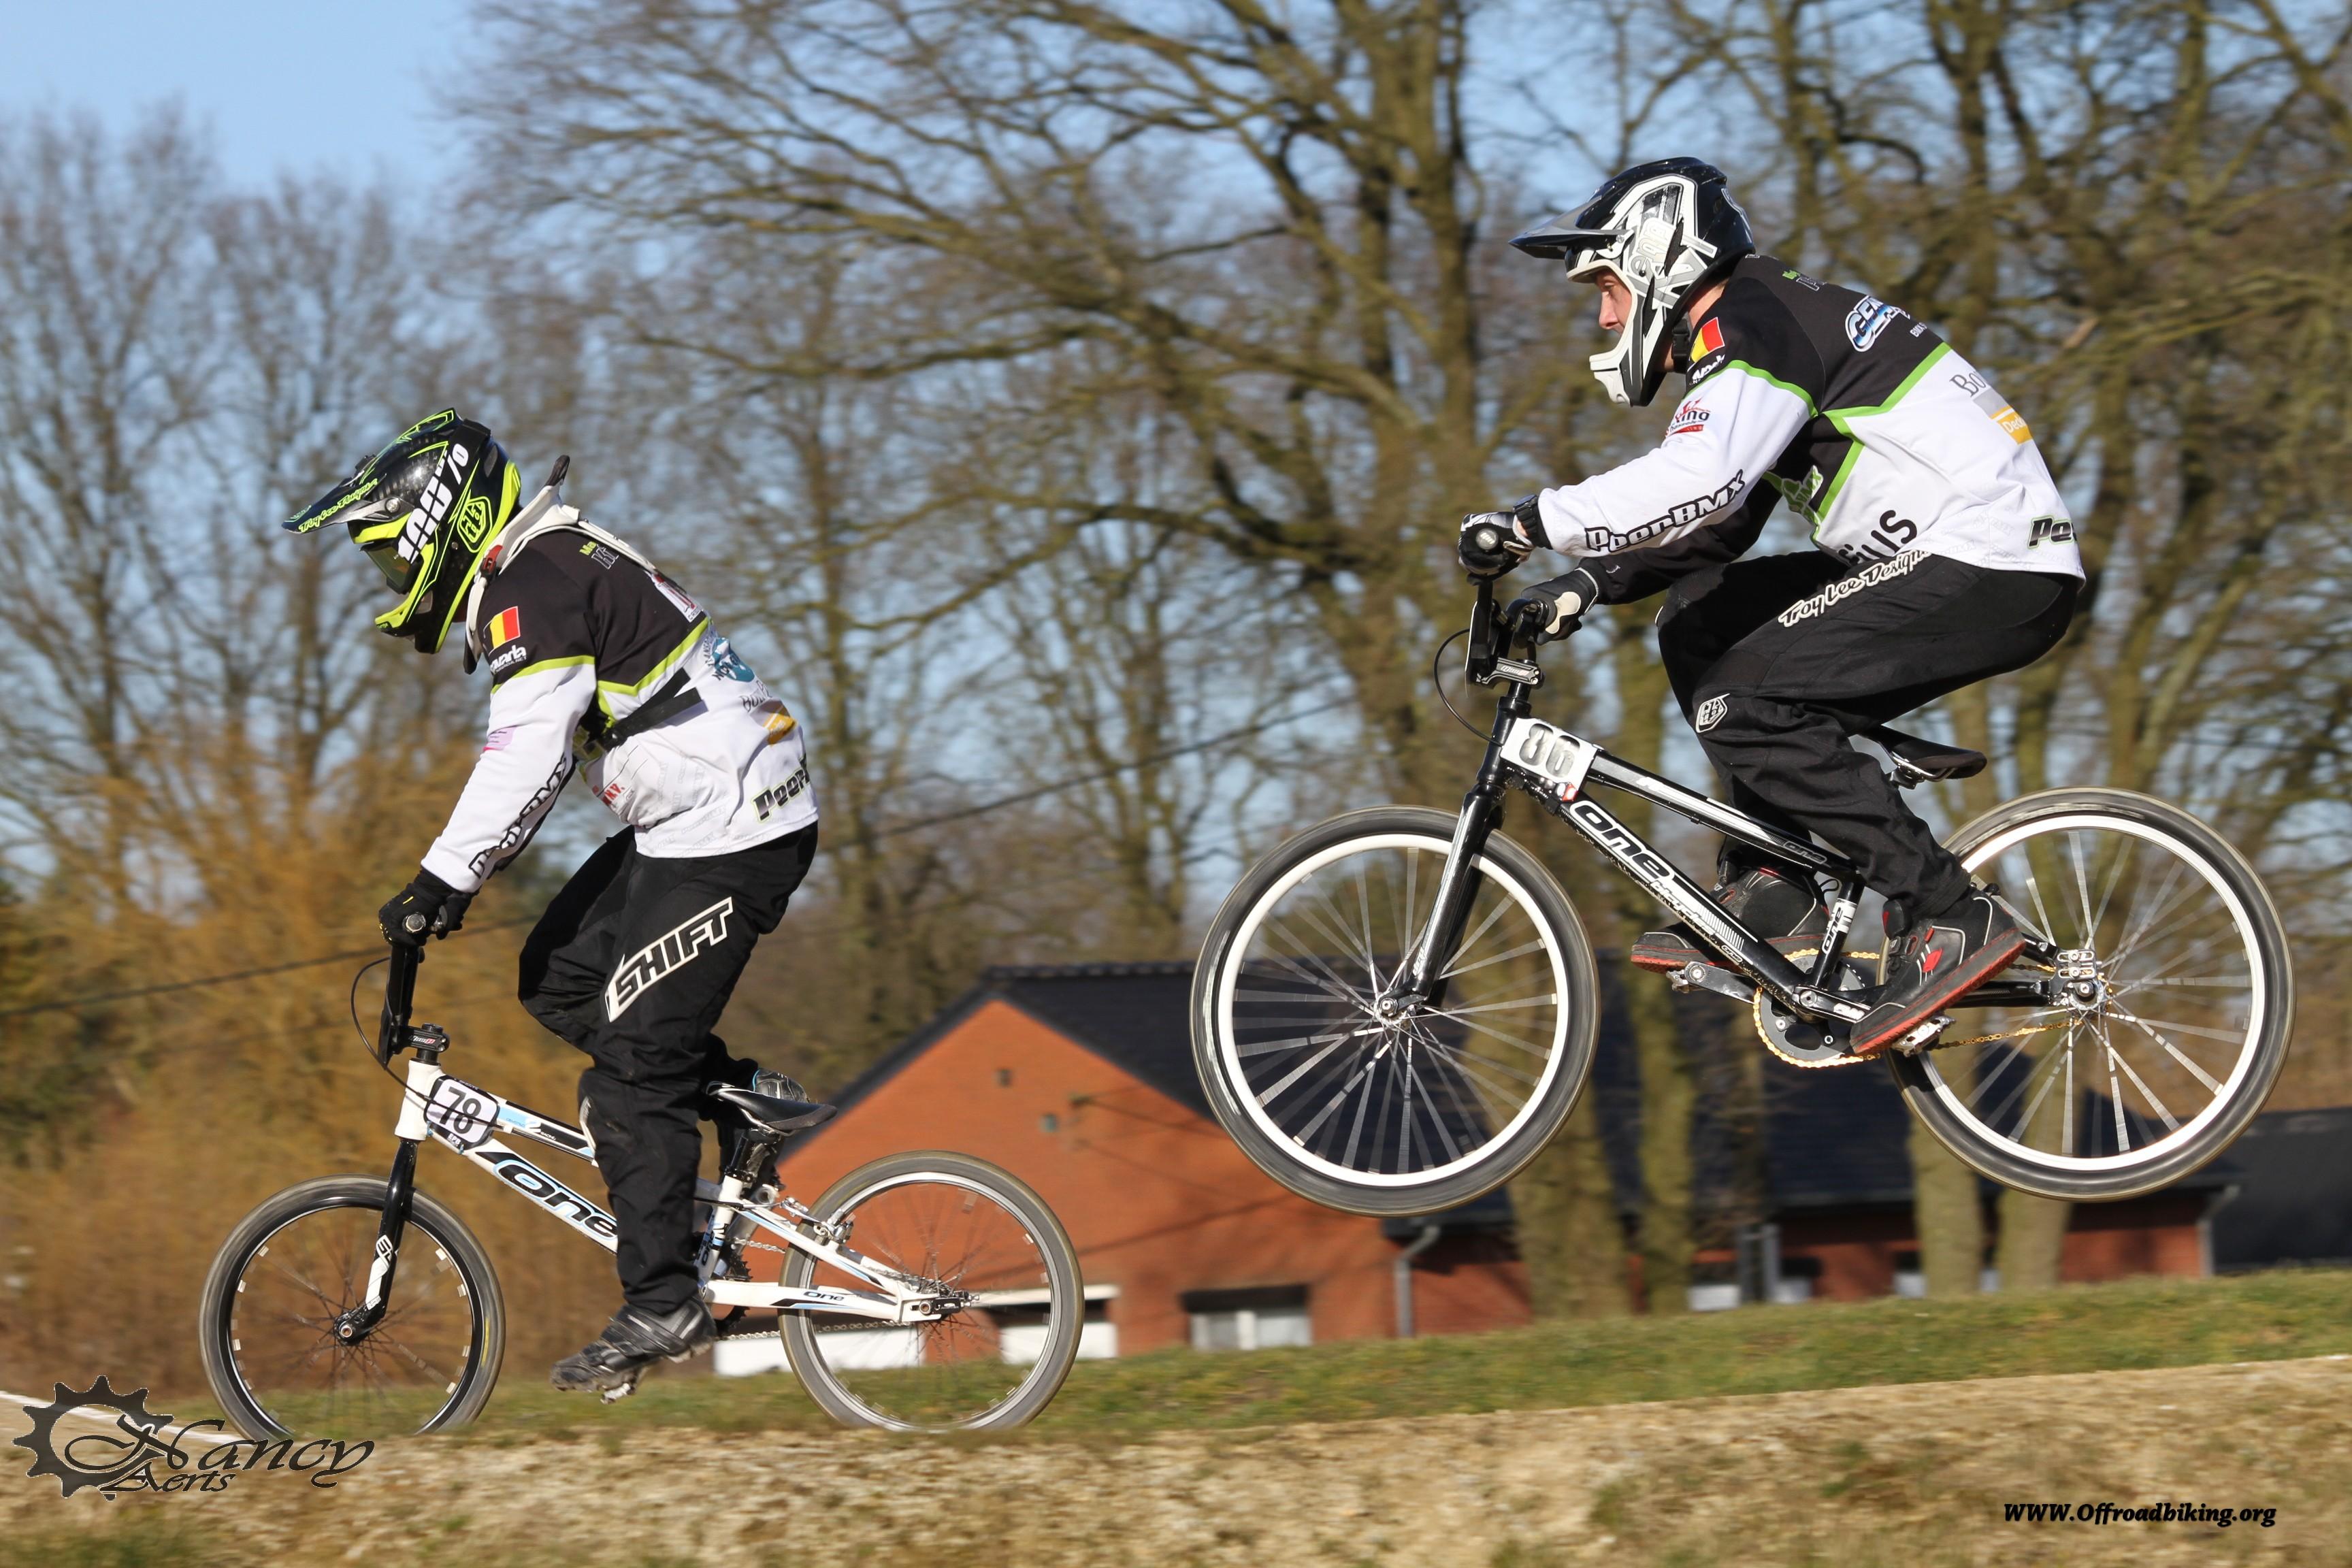 Promo wedstrijd in Peer 1 Maart 2015 Jone Vangoidsenhoven wint bij girls 15+ en Stef Van Mechelen zet de toon bij de elites